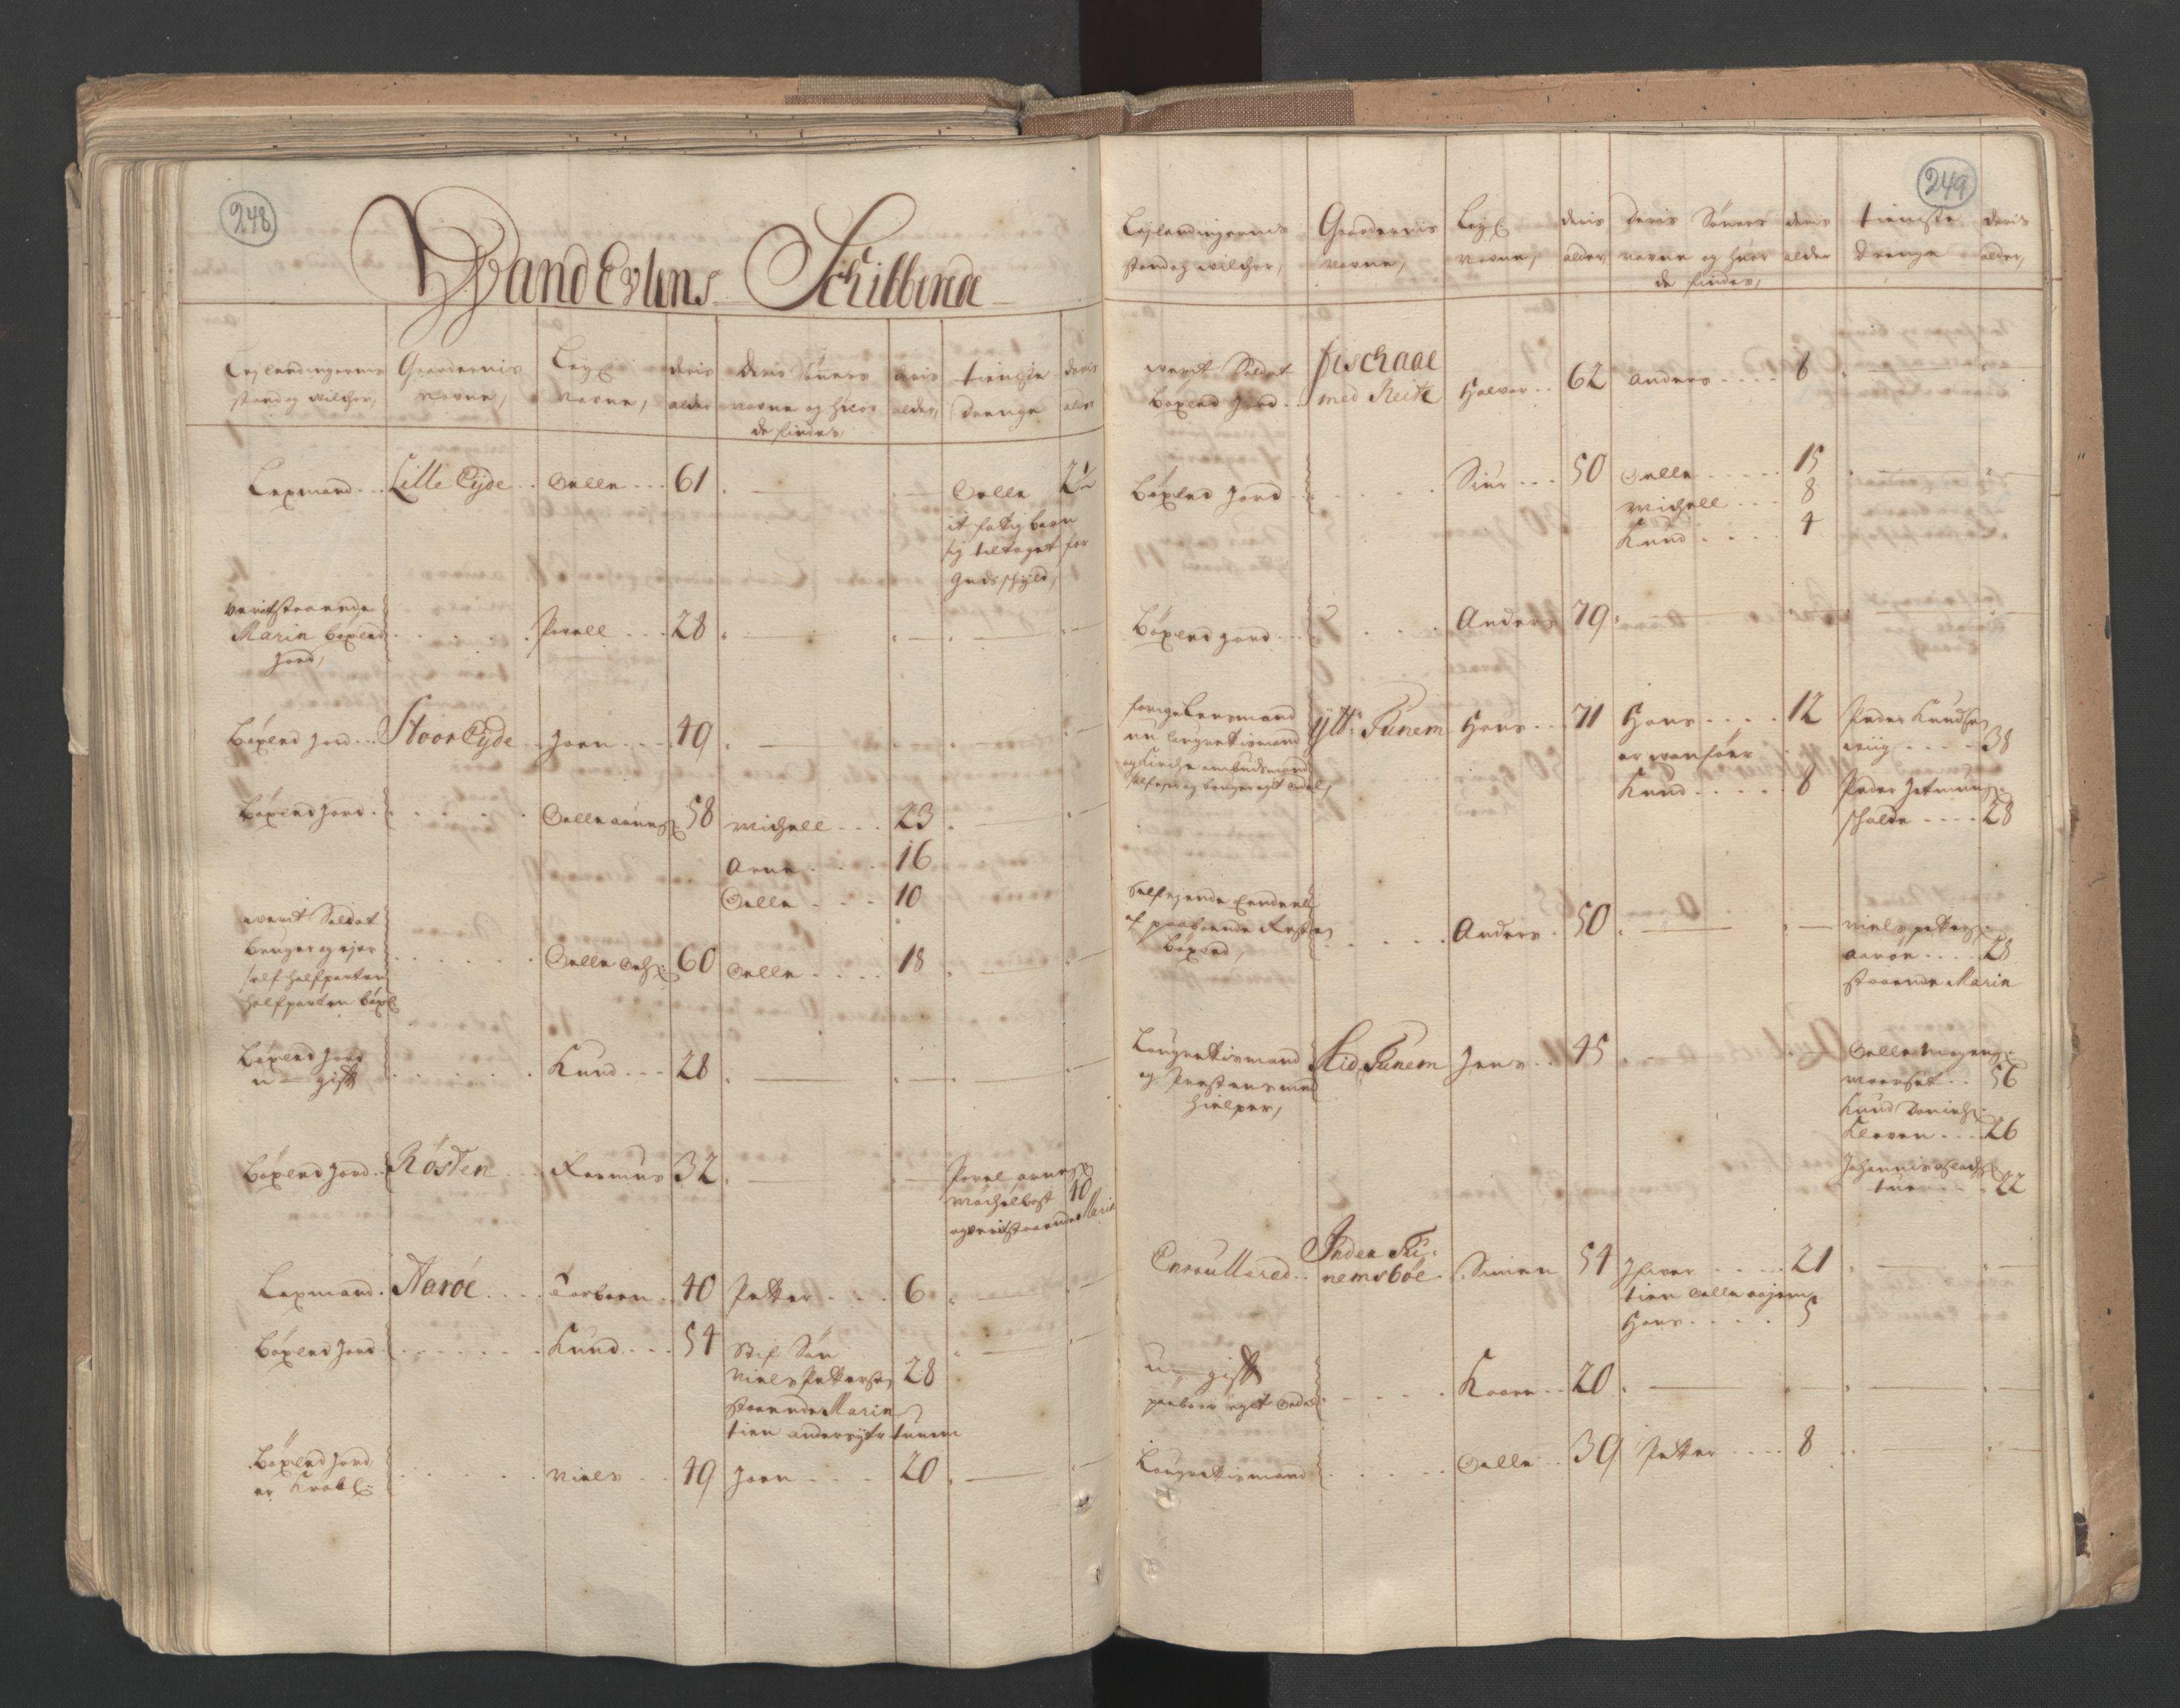 RA, Manntallet 1701, nr. 10: Sunnmøre fogderi, 1701, s. 248-249